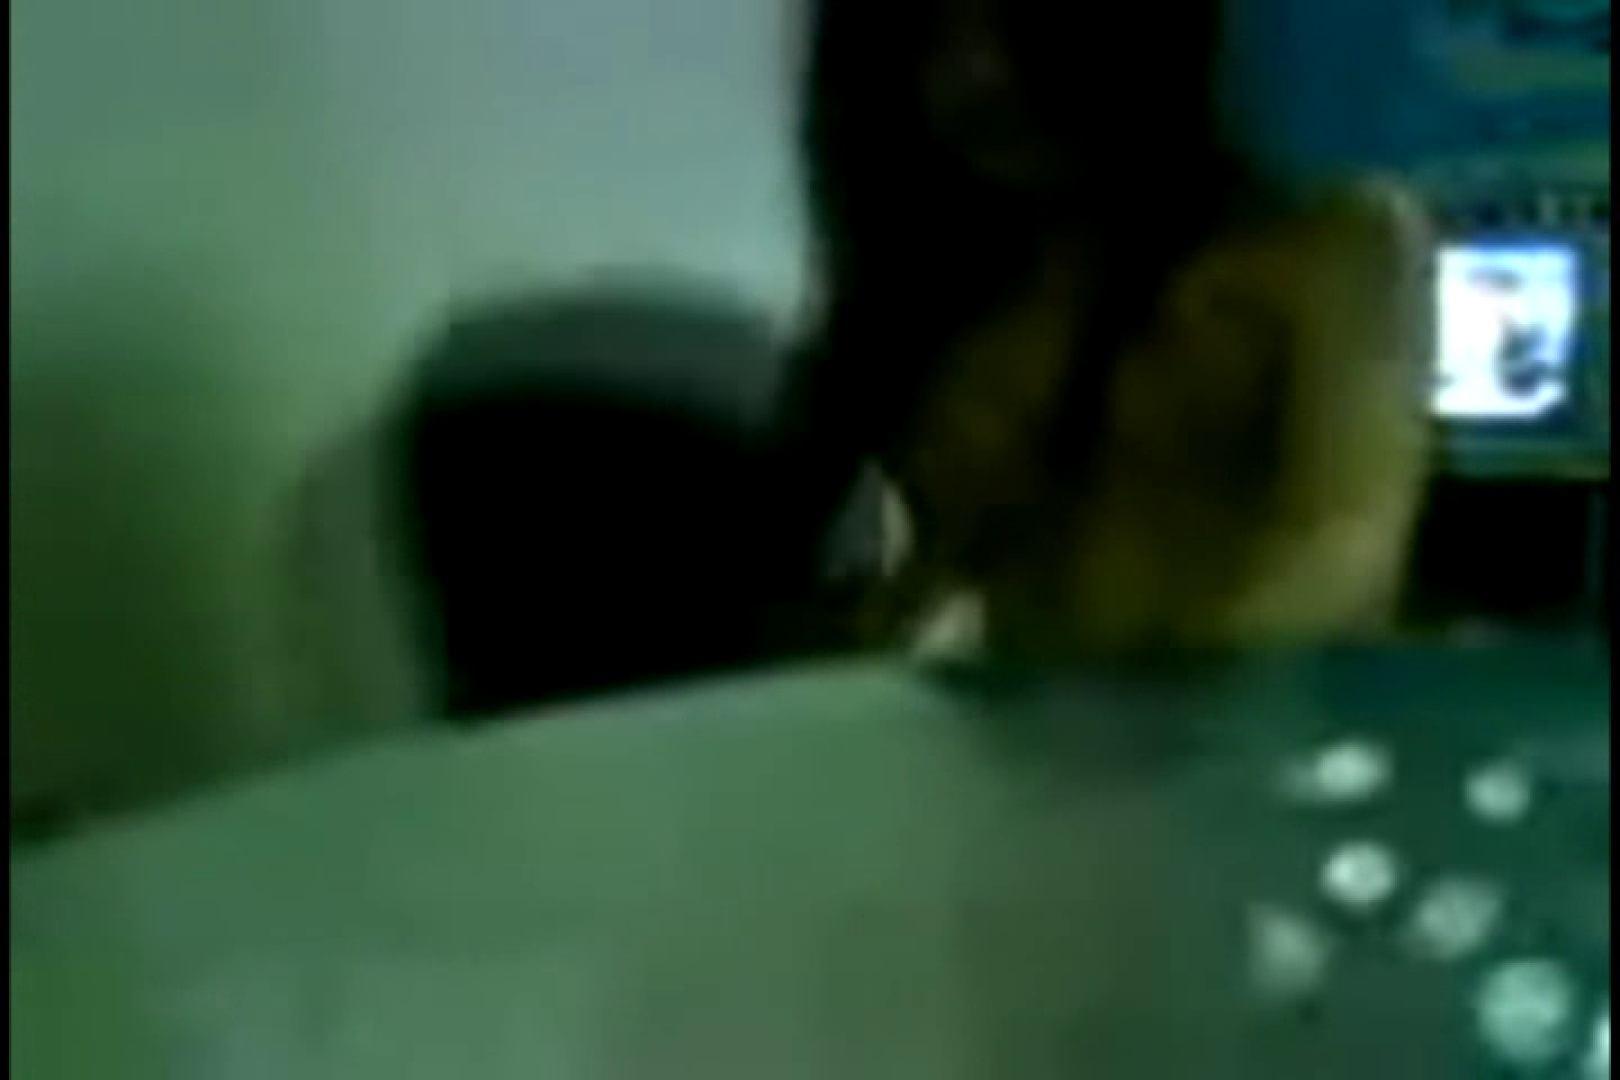 ウイルス流出 カップルのプライベートSEX映像 フェラチオ  56連発 28